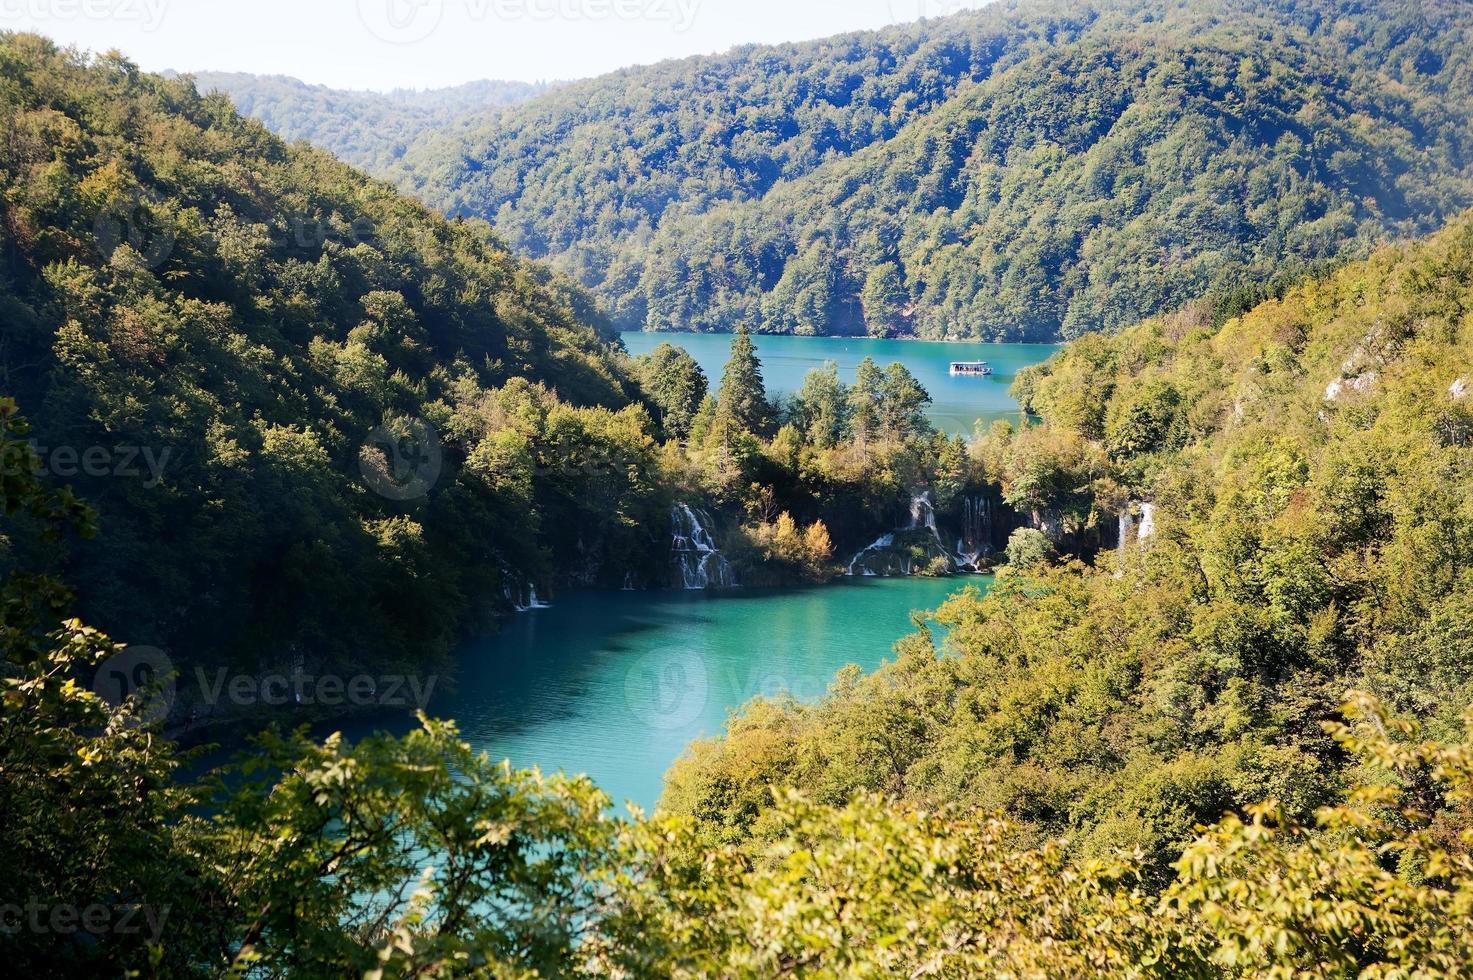 des lacs photo